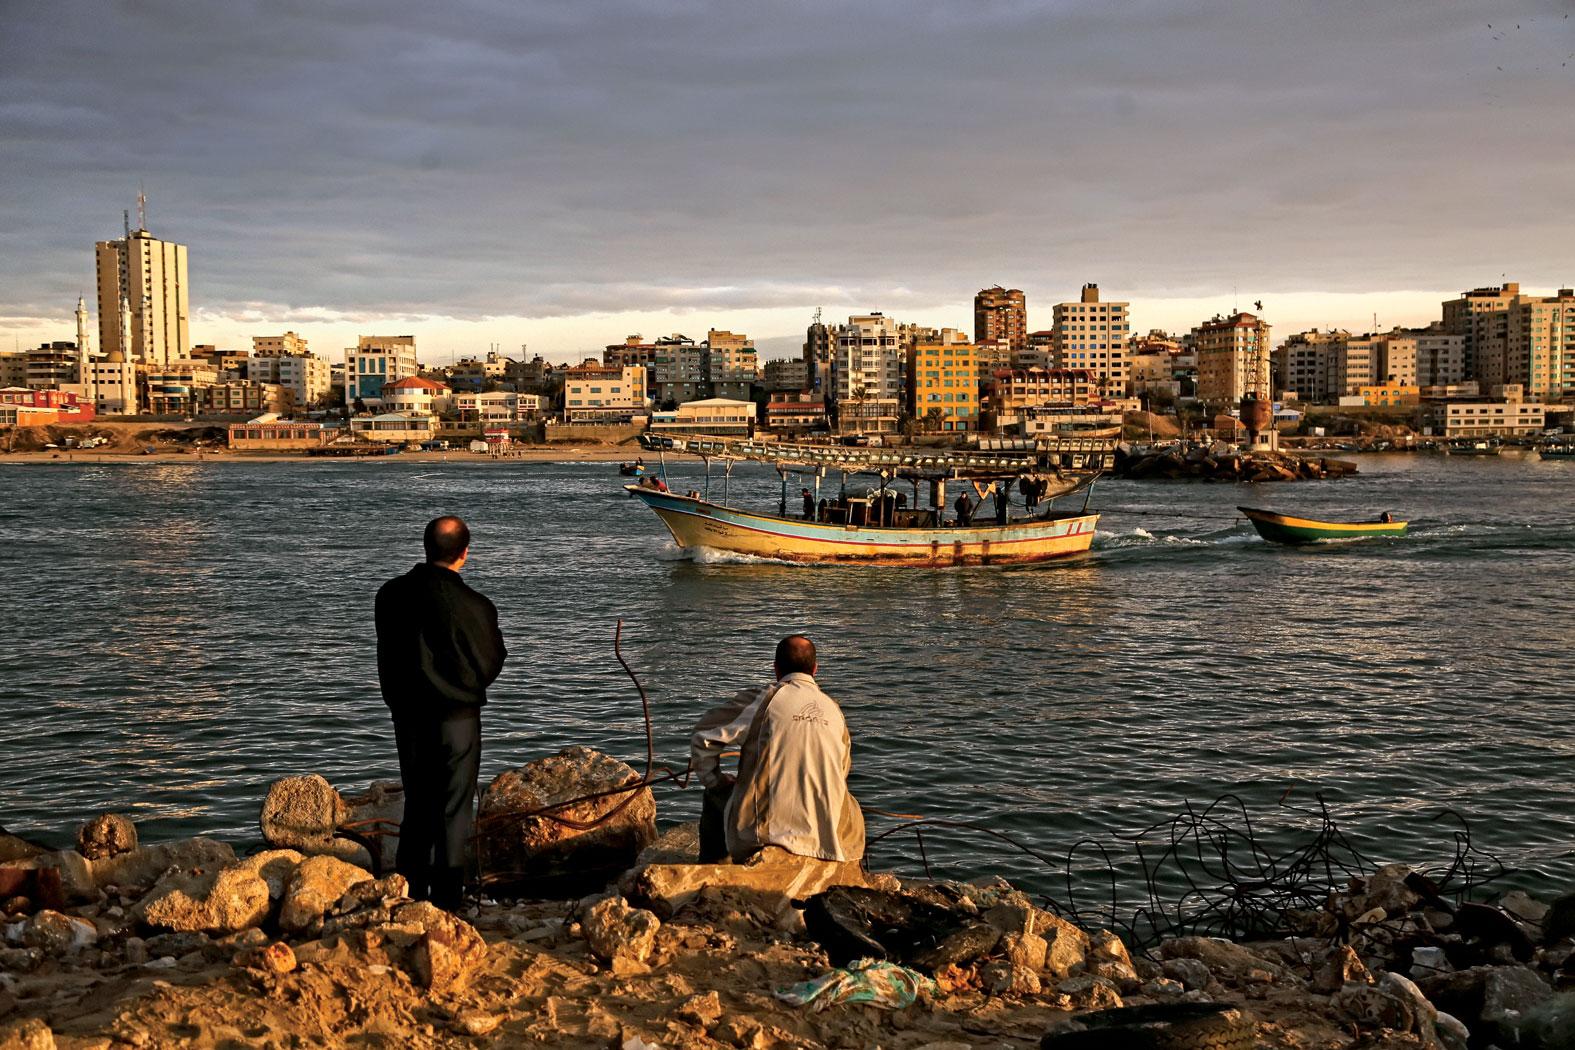 Strefa Gazy Picture: Polki W Oblężonej Strefie Gazy